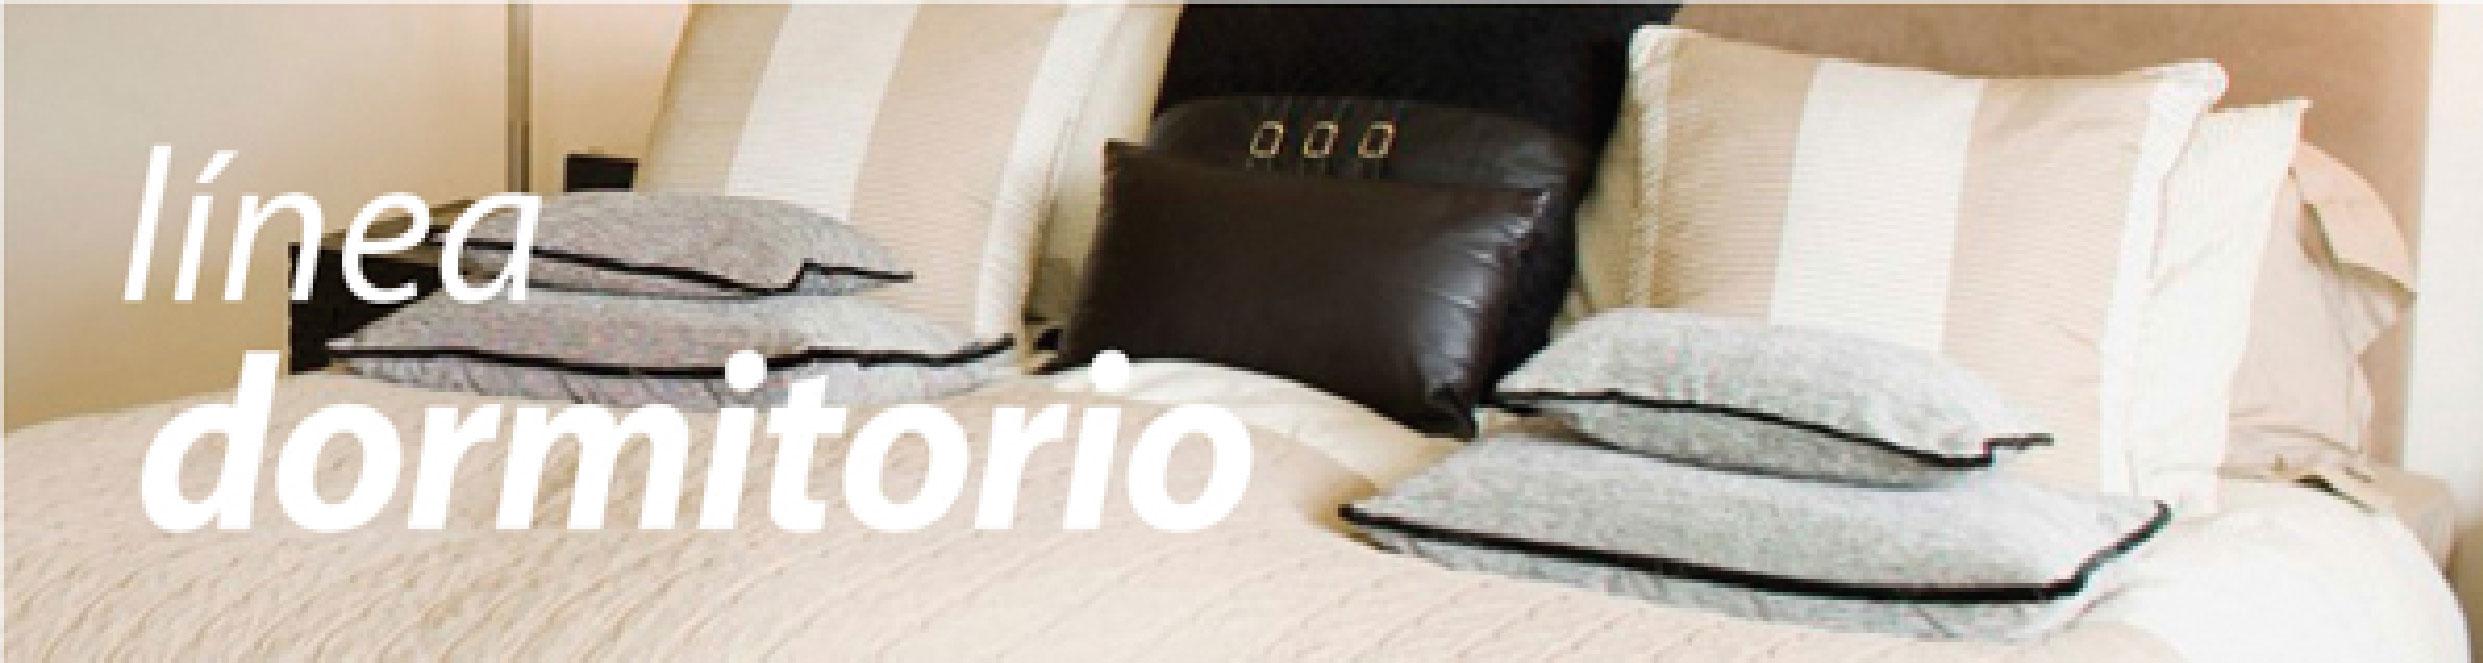 L Nea Dormitorio Metalfranch F Brica De Muebles De Ca O # Fabrica De Muebles Saavedra